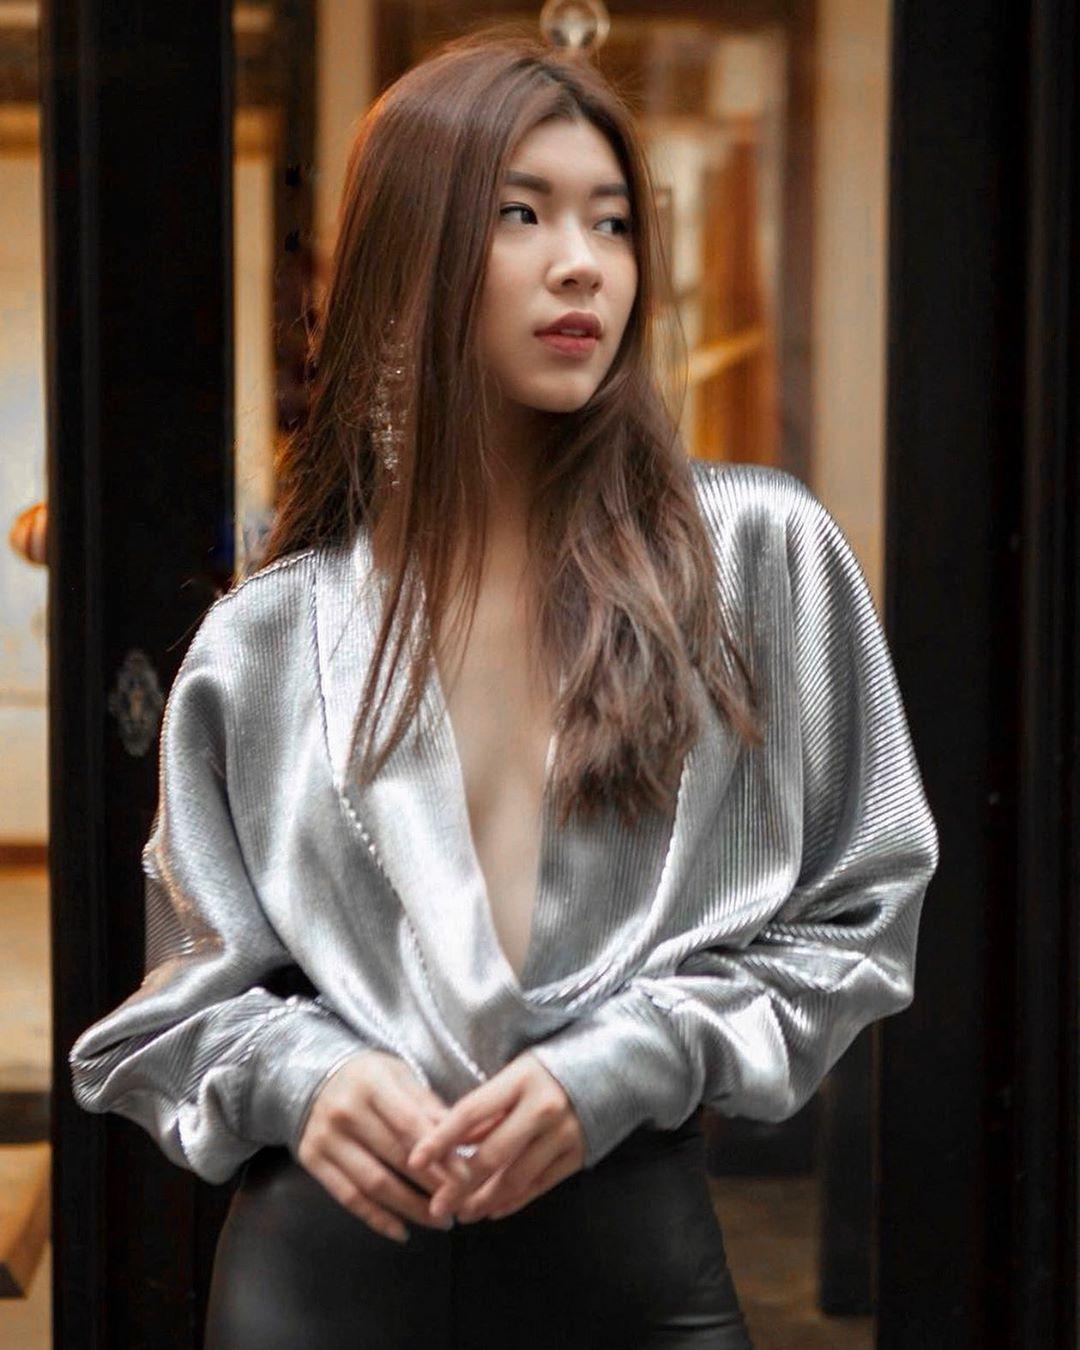 Thời trang cung cự giải - đồng ánh quỳnh mặc áo sơ mi bạc